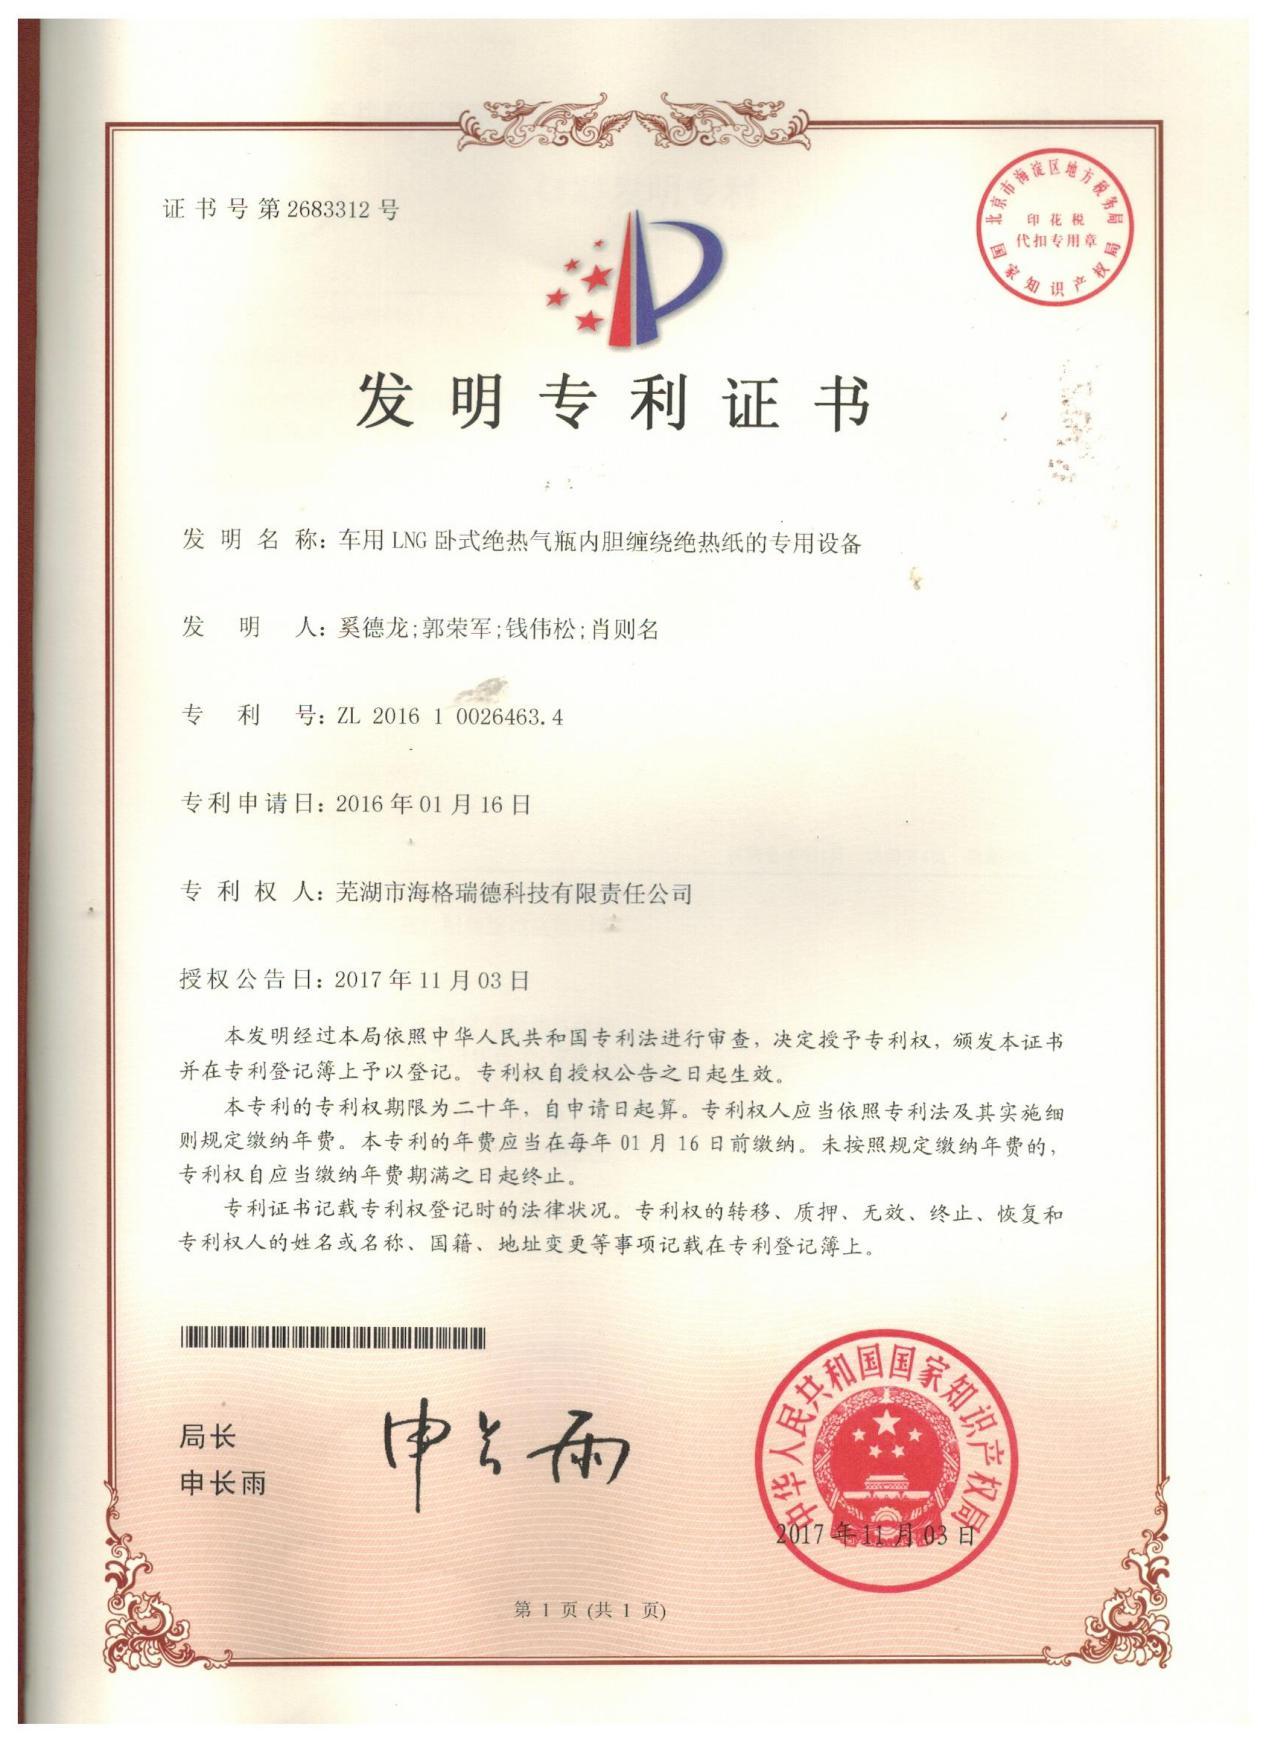 title='发明专利证书'